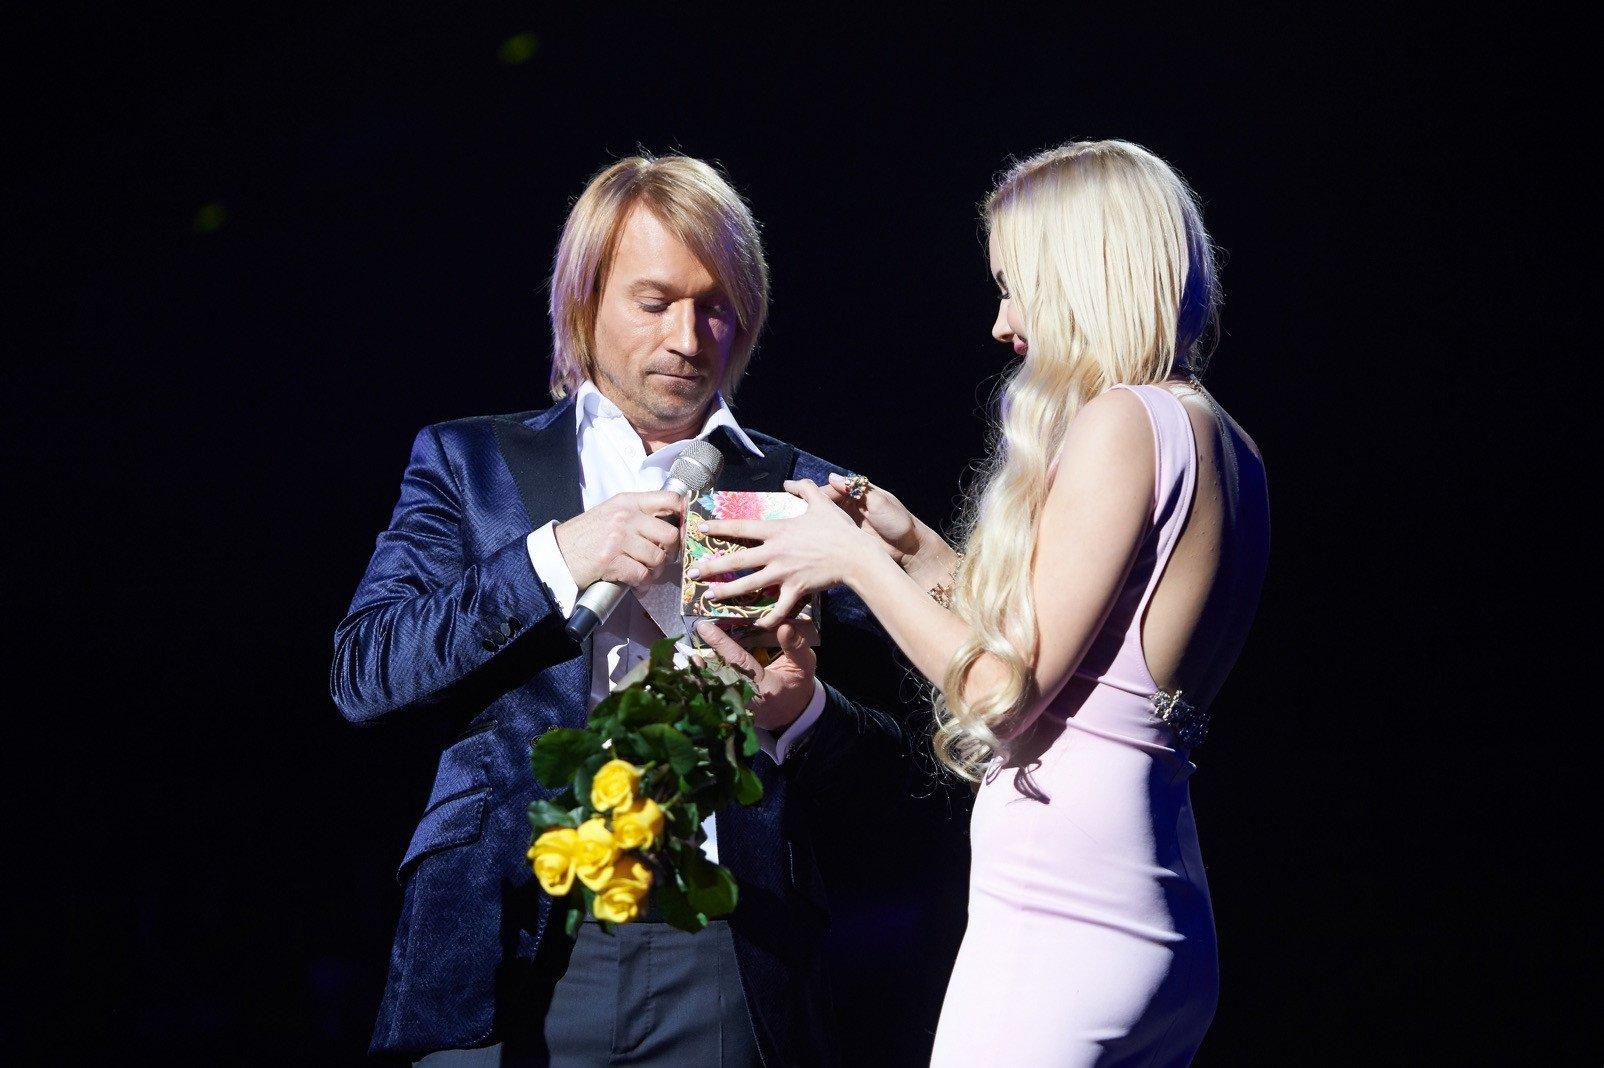 Когда будет концерт олега винника в днепропетровске 2018